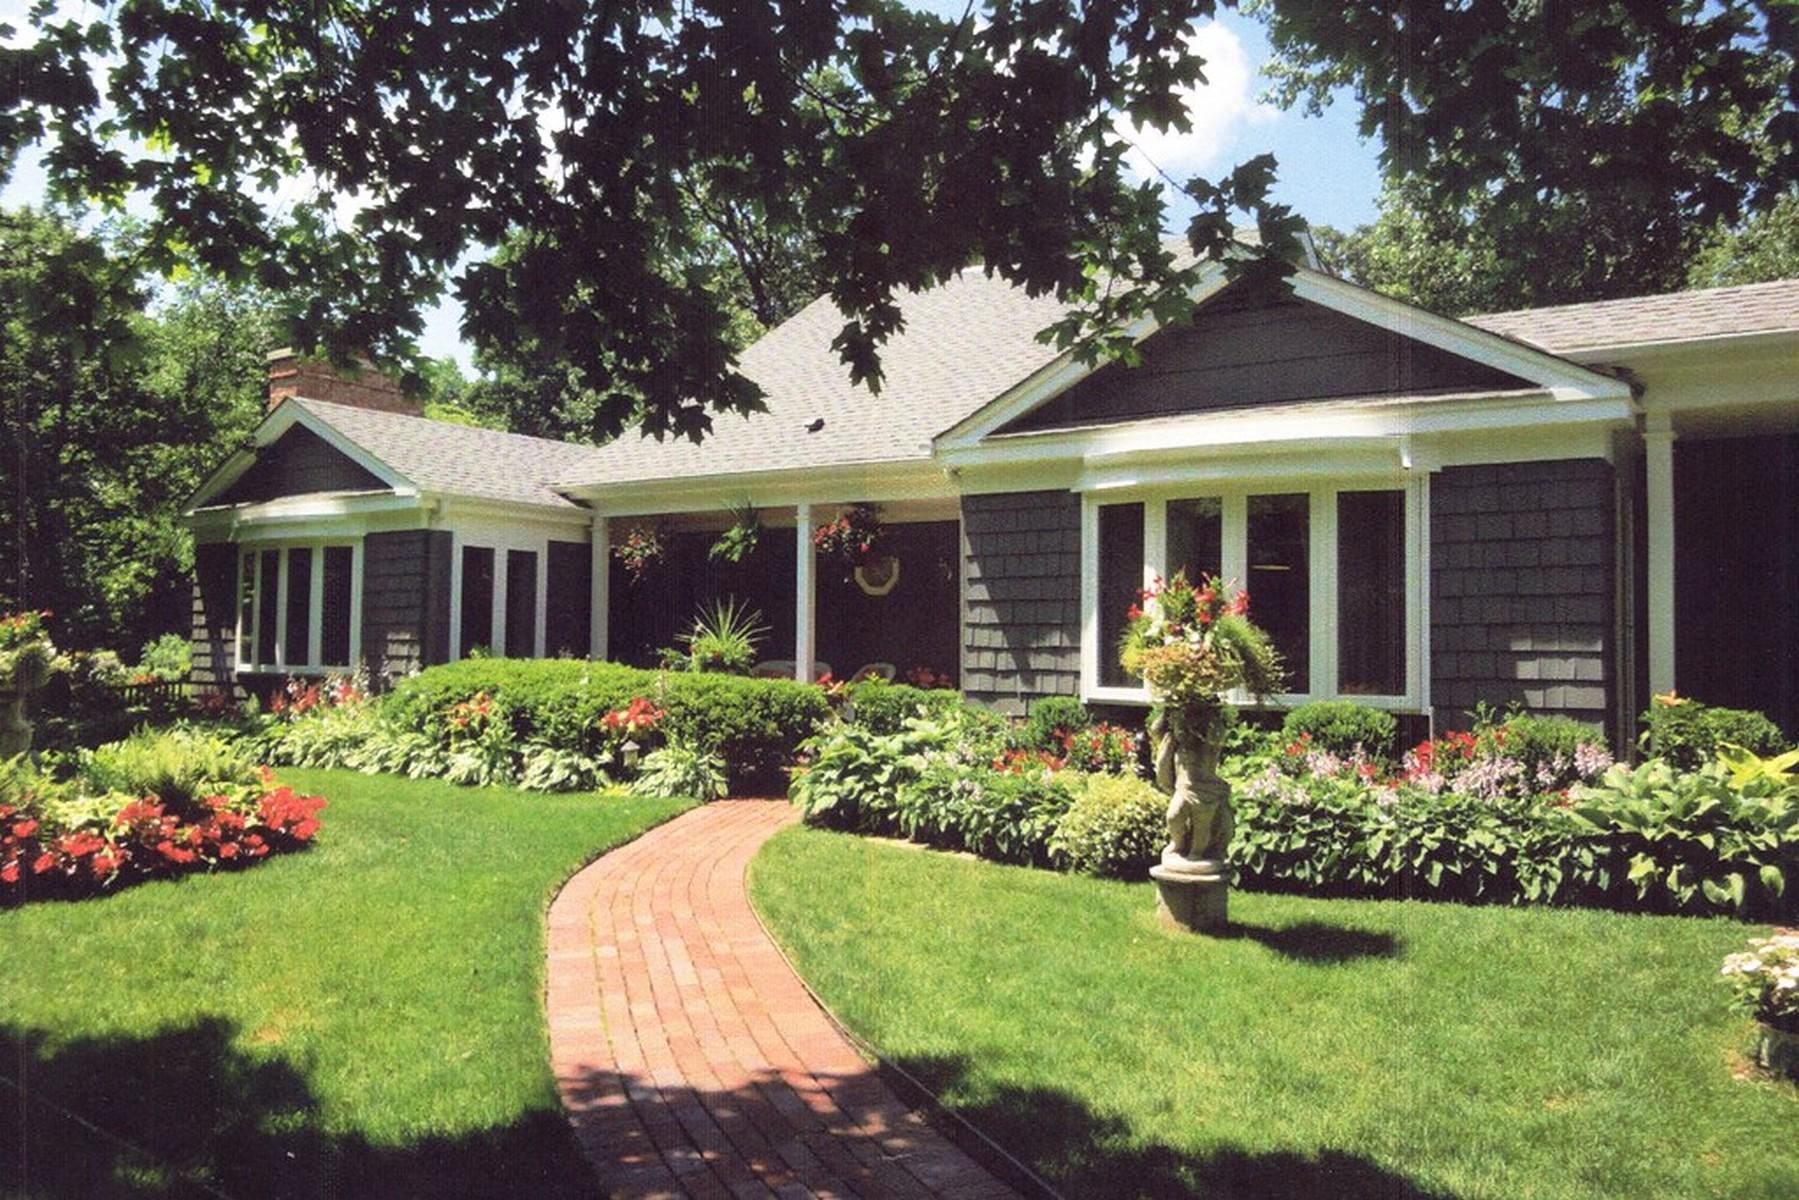 Maison unifamiliale pour l Vente à Character-Rich Pristine Home 1742 N Waukegan Road Lake Forest, Illinois, 60045 États-Unis